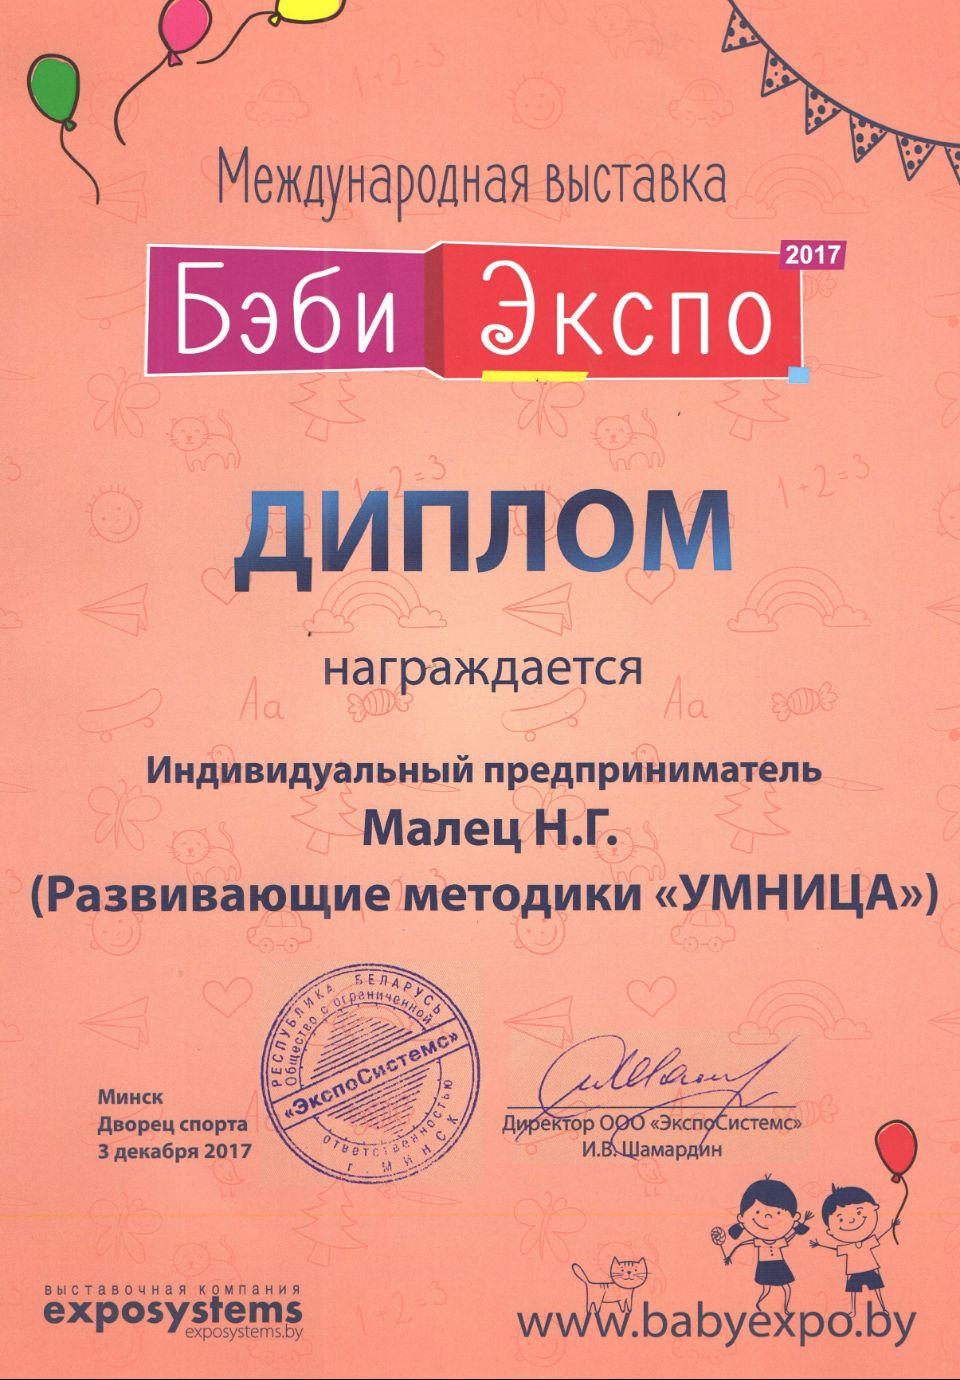 Международная выставка в РБ